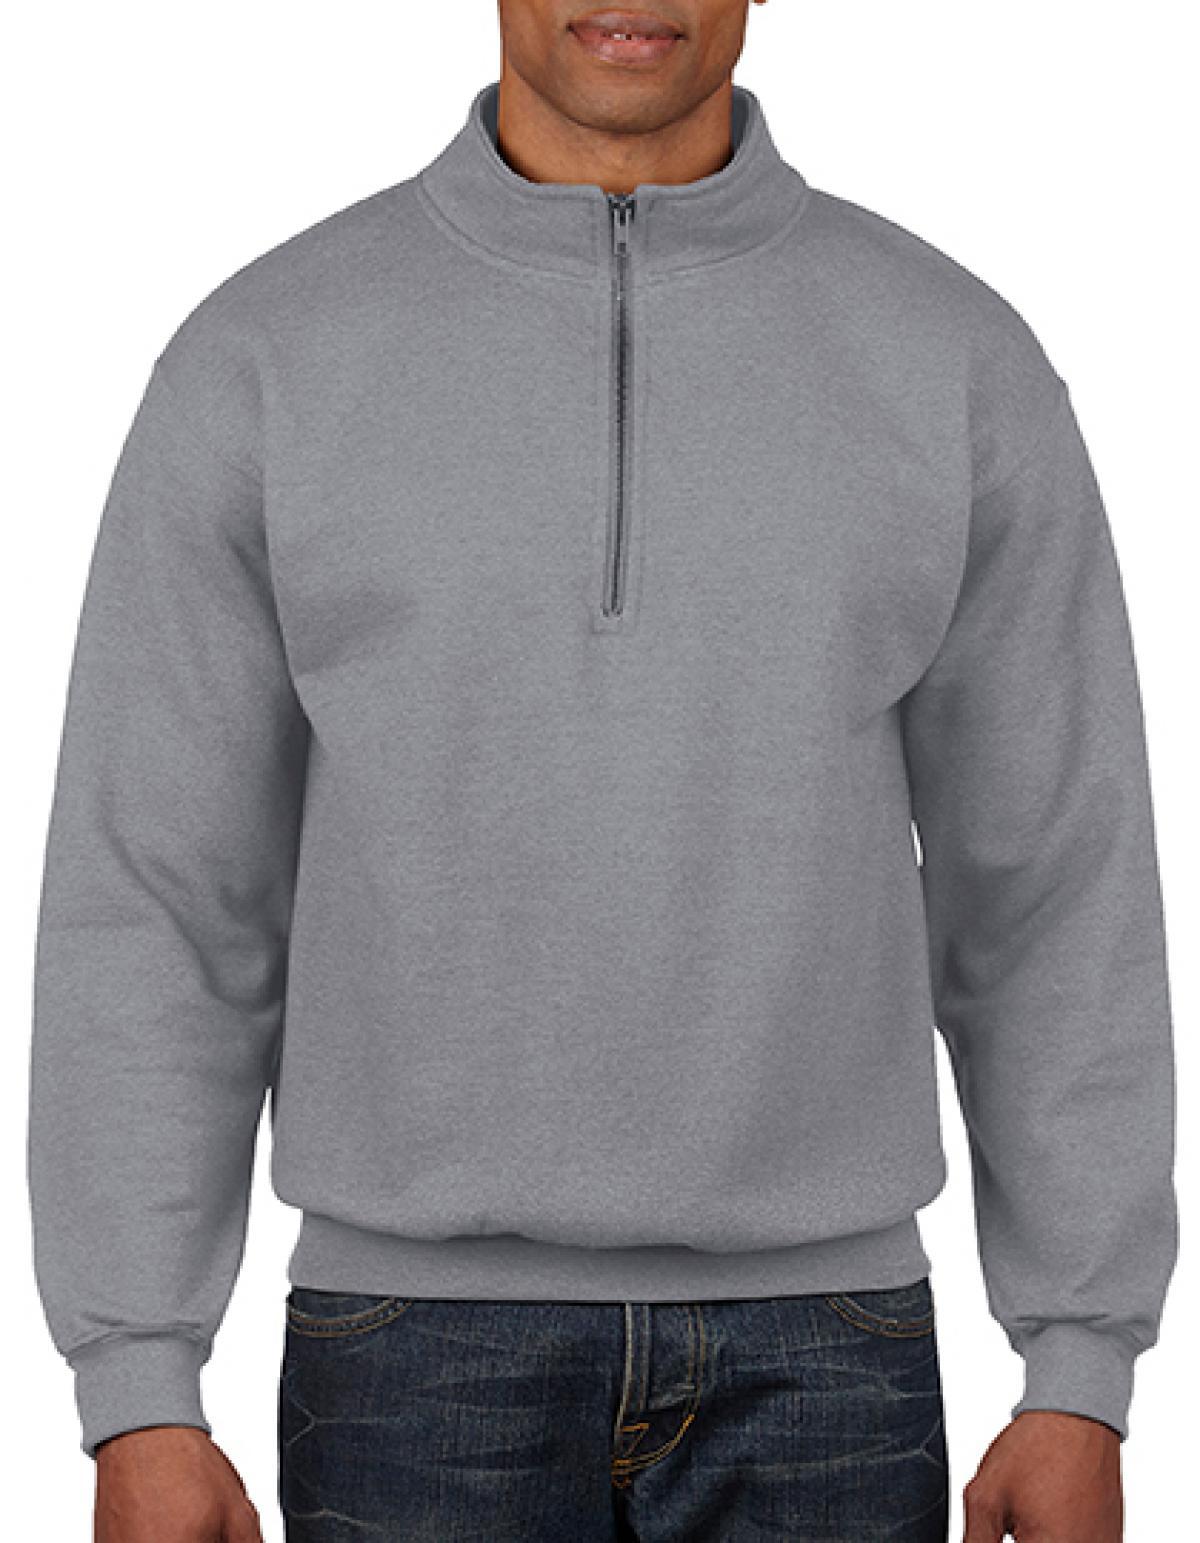 Heavy Blend Vintage 14 Zip Herren Sweatshirt Rexlander´s